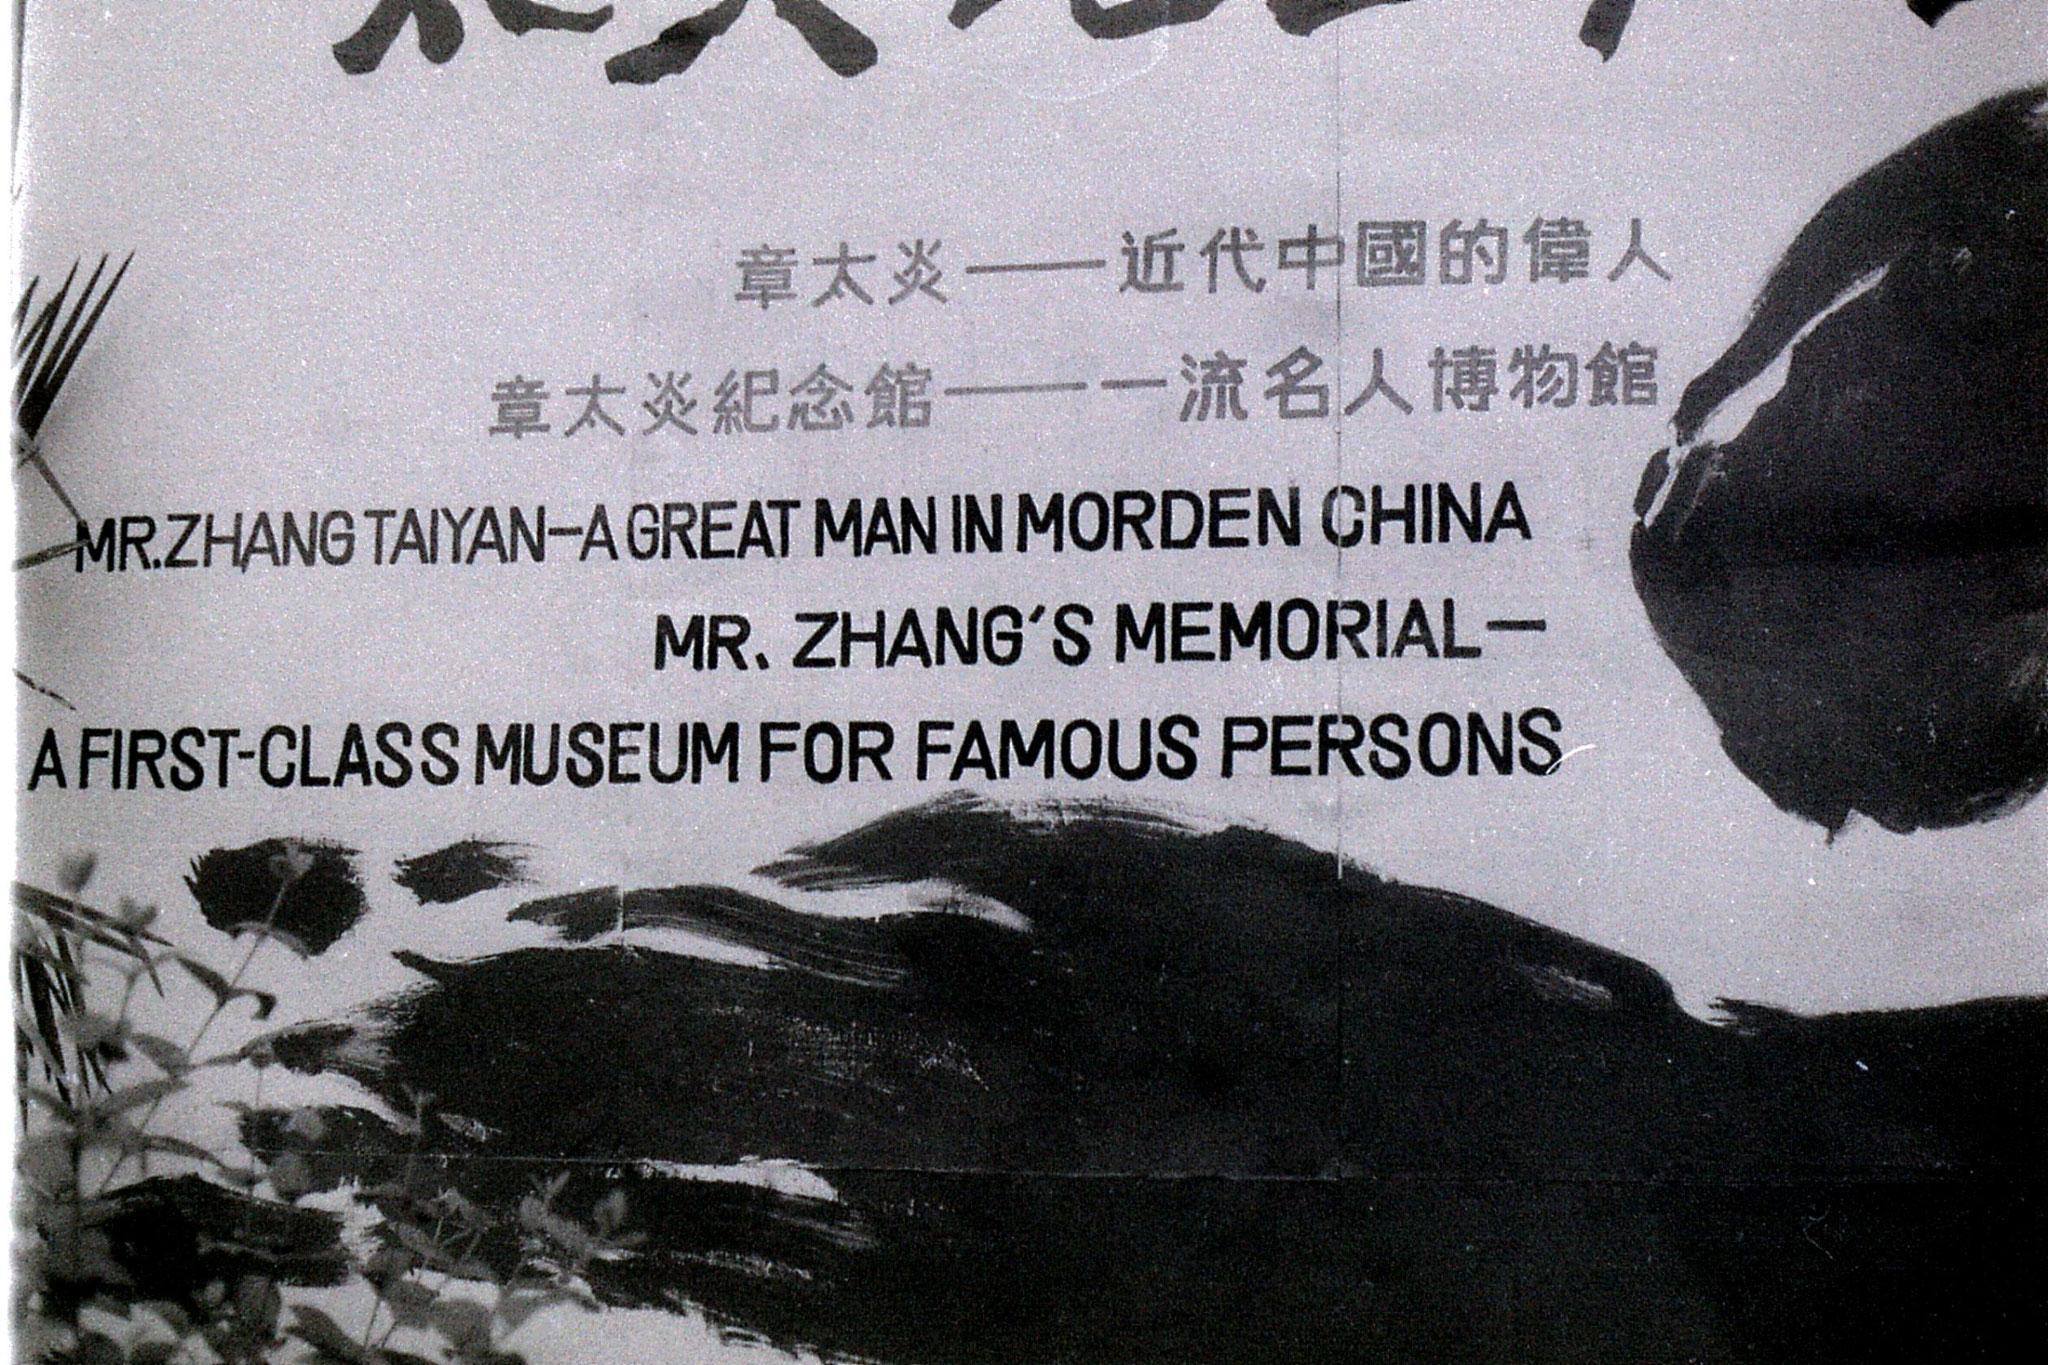 11/6/1989: 13: museum notice